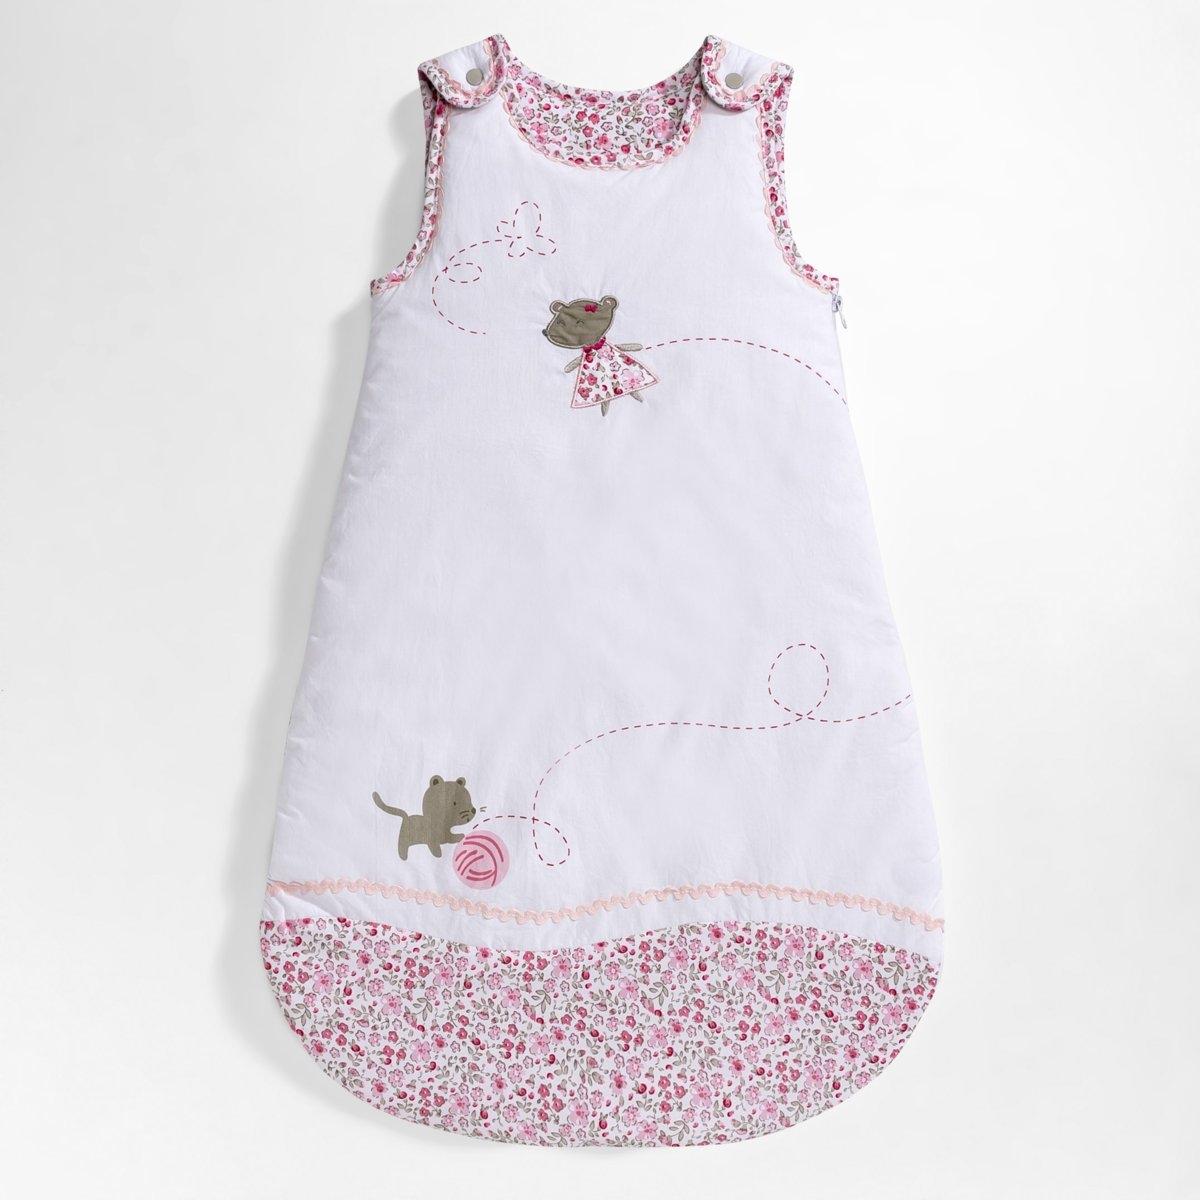 Конверт теплый для новорожденного с цветочным рисунком из перкали, 100% хлопокКонверт для новорожденного с цветочным рисунком Lili из перкали, 100% хлопок  . Мягкий конверт для новорожденного с котенком и мышкой и цветочным принтом . Прекрасная идея подарка на рождение ребенка. Характеристики конверта для новорожденного Lili :Качественная перкаль, 100% хлопок (57 нитей/см?)Цветочный принт с красивым зубчатым бордюром   Подкладка с цветочным принтом из джерси для большей мягкости Однотонная спинка.Наполнитель: полиэстер.Застежка на молнию по всей длине.2 длины : 70 см и 90 см.Стирка при 40°.Всю коллекцию постельного белья Lili вы можете найти на сайте laredoute.ru<br><br>Цвет: белый/рисунок розовый/бежевый